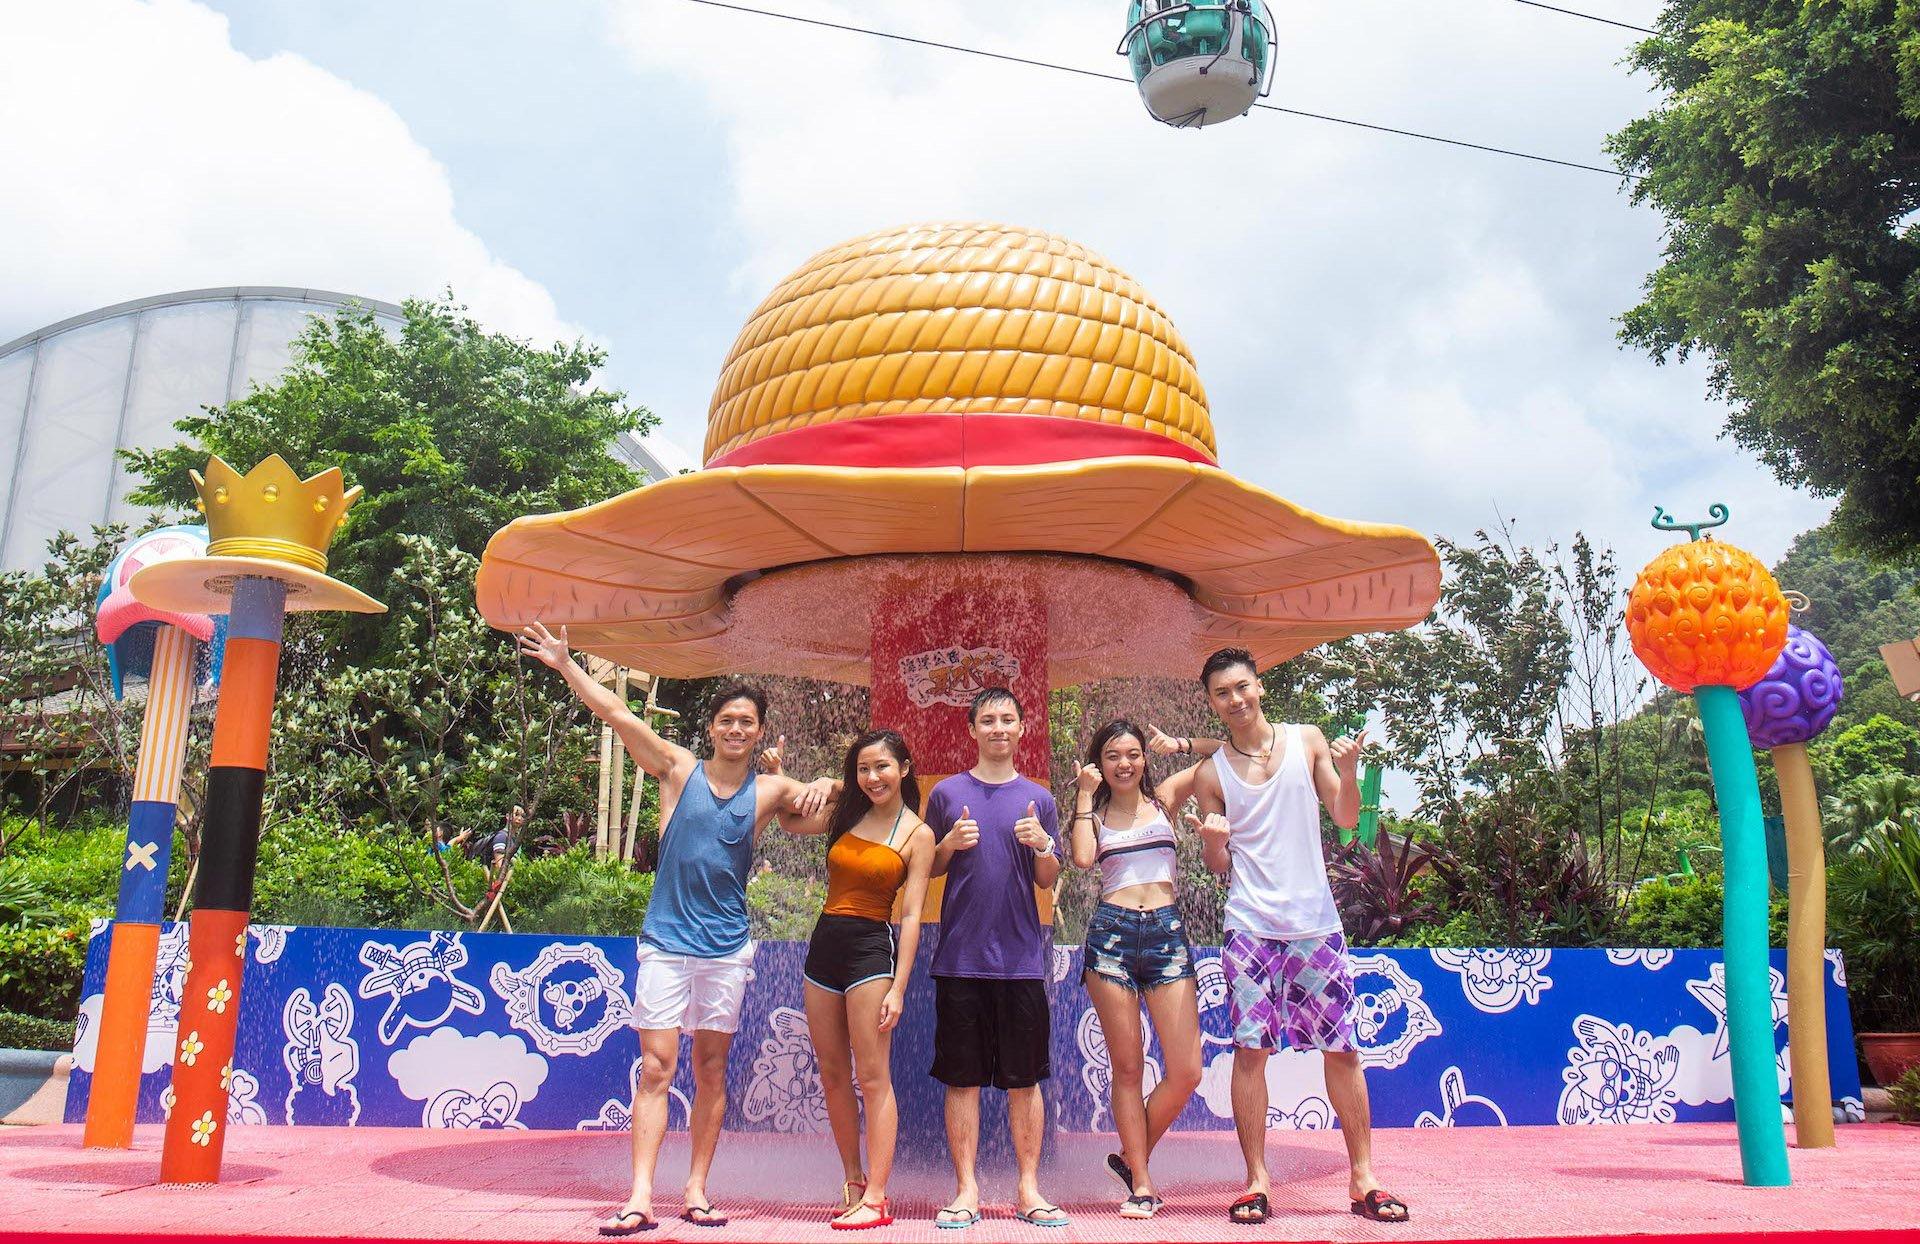 香港海洋公园夏水战正式启动,勇闯海贼王场景!